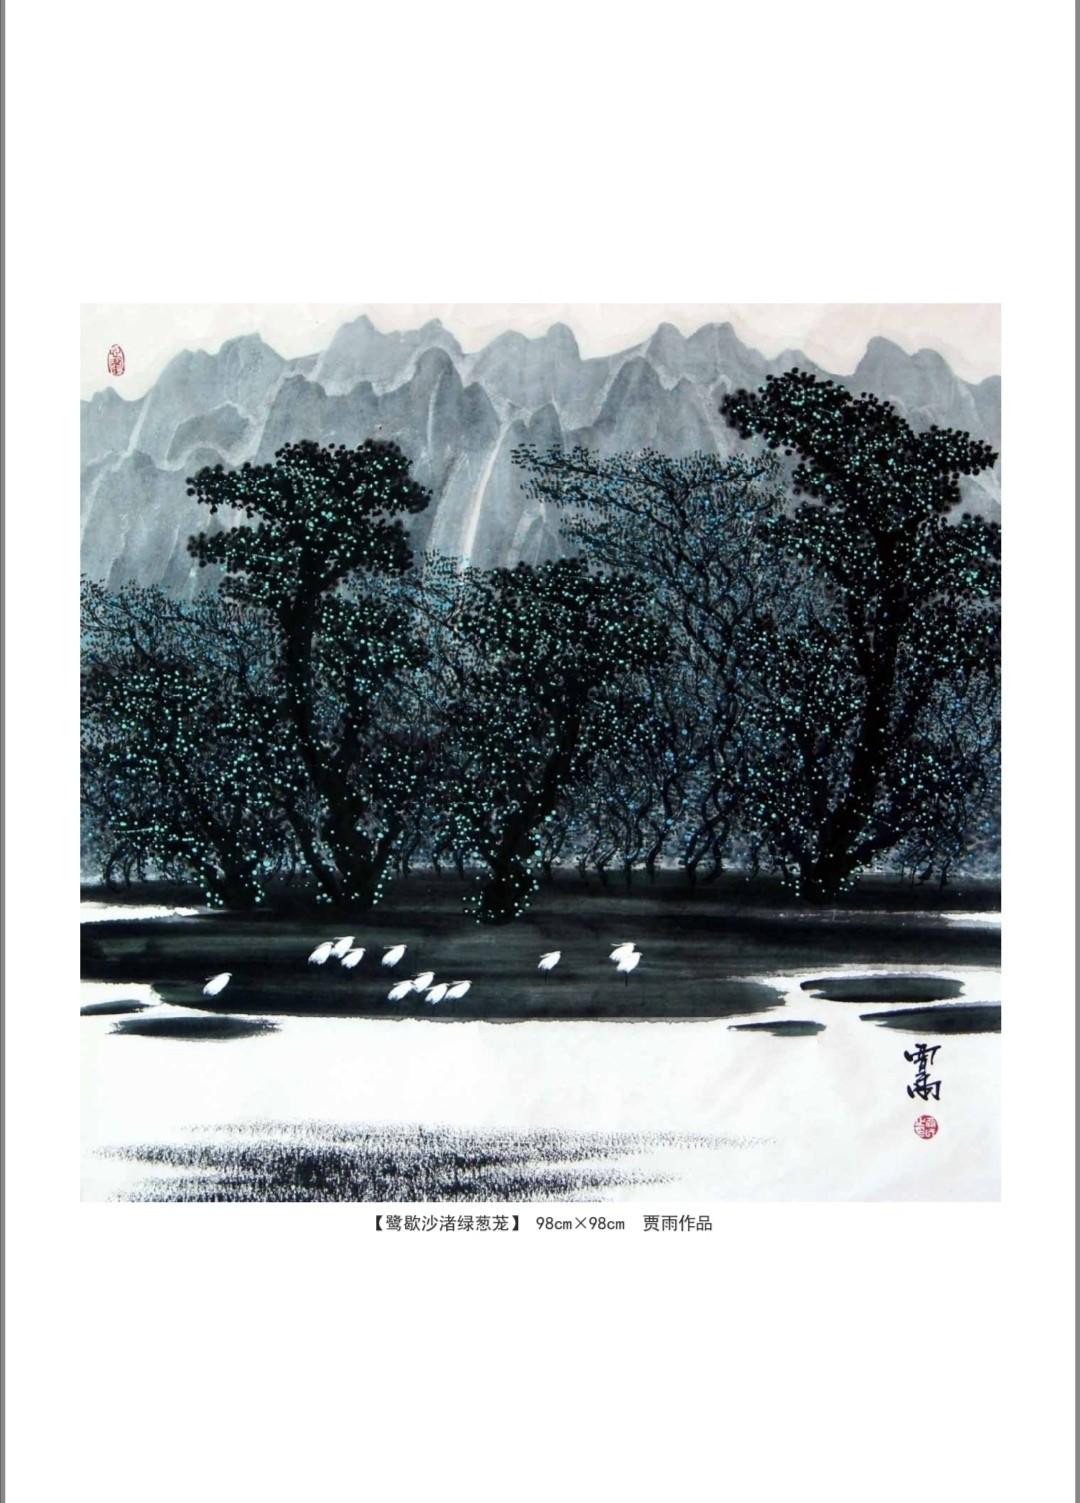 贾雨山水画作品再次入编中国高等学府教学范本_图1-4